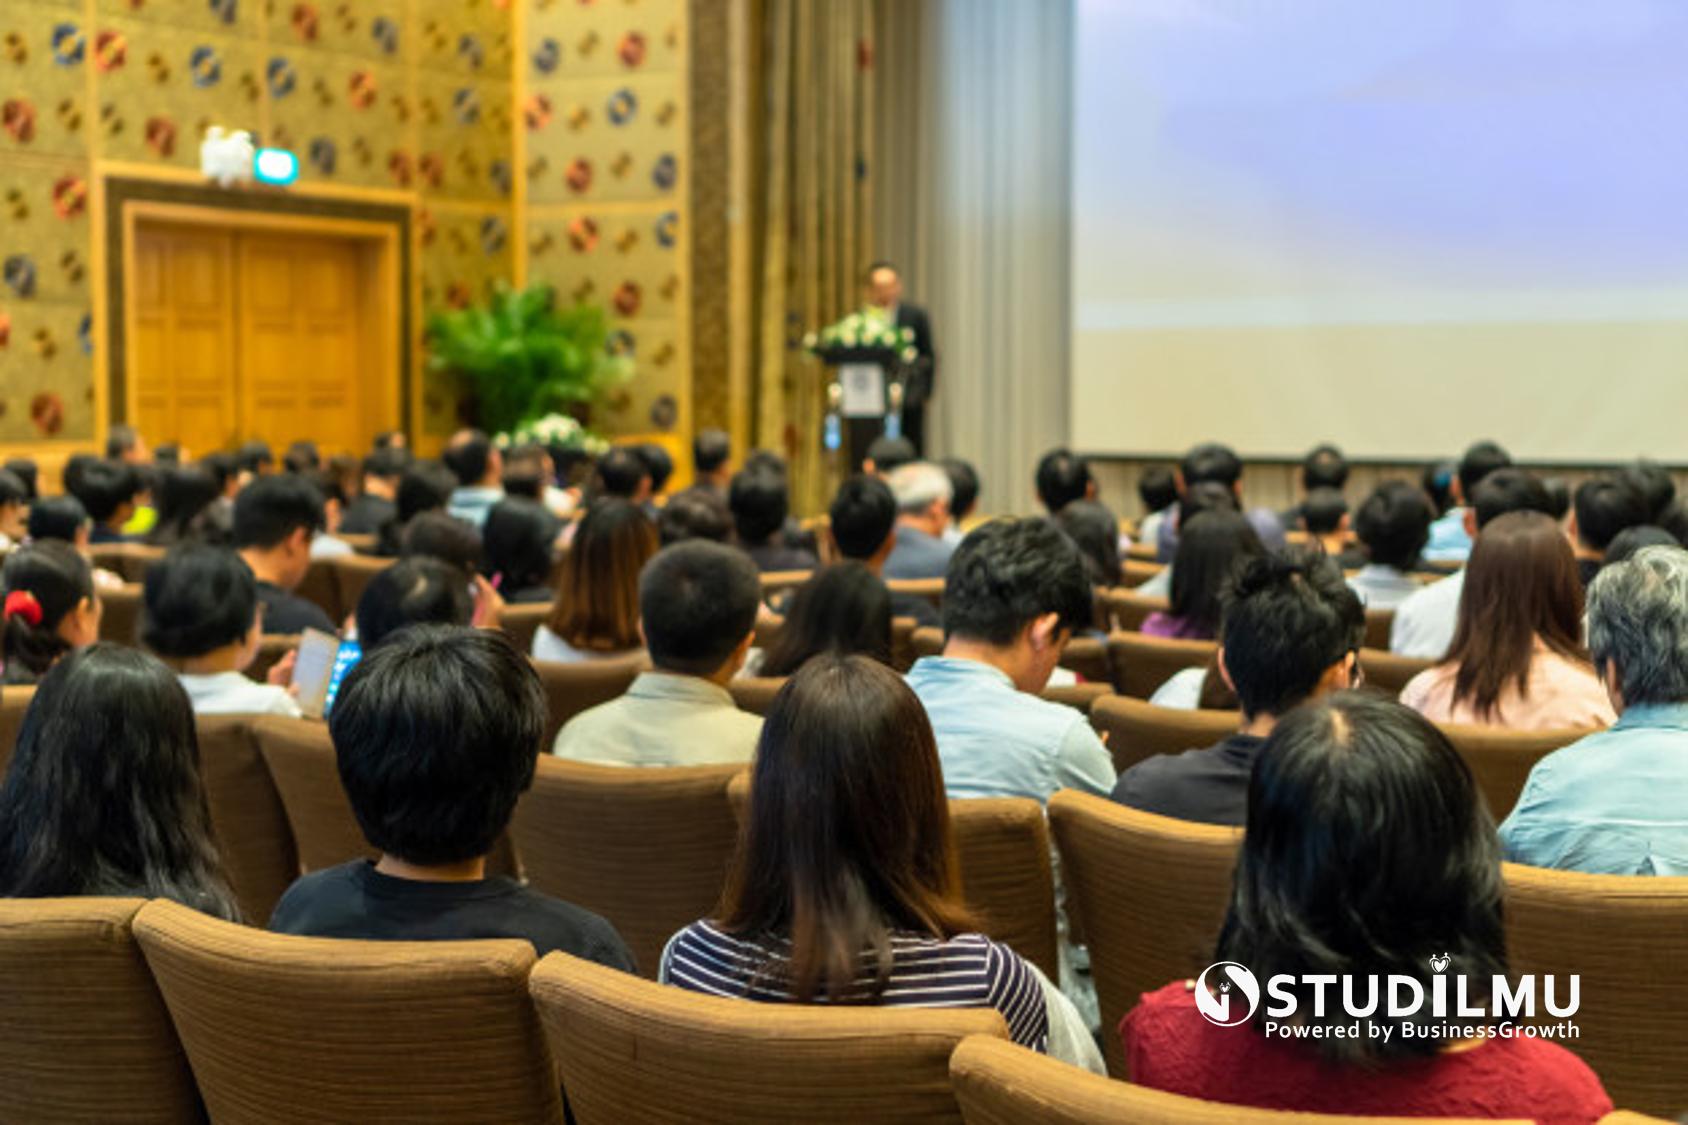 STUDILMU Career Advice - Sikap Profesional Executive Presence Di Dalam Setiap Rapat